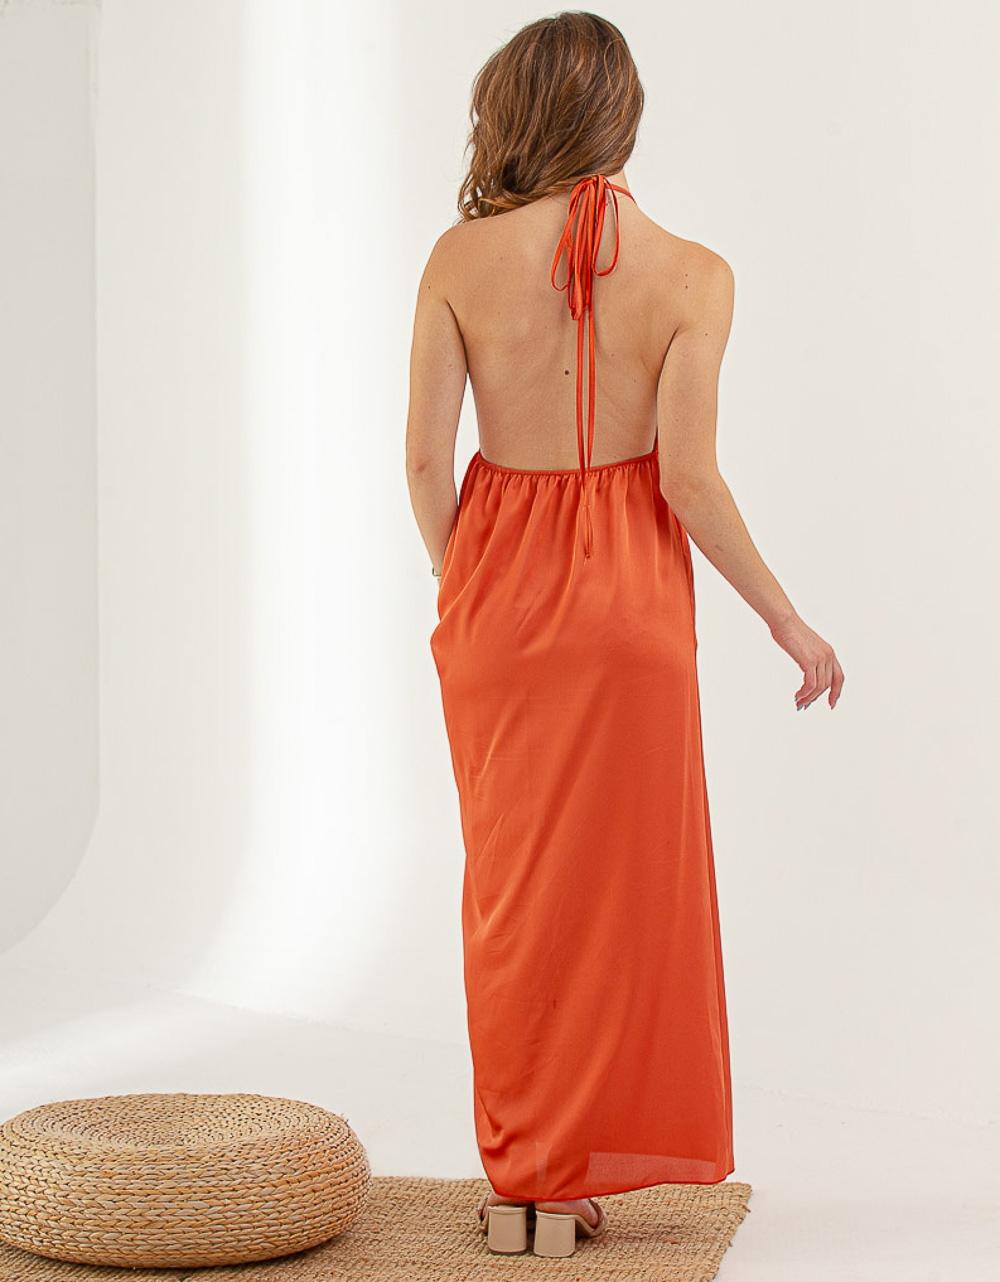 Εικόνα από Γυναικείο φορεμα με σκίσιμο στο πλάι Σομόν